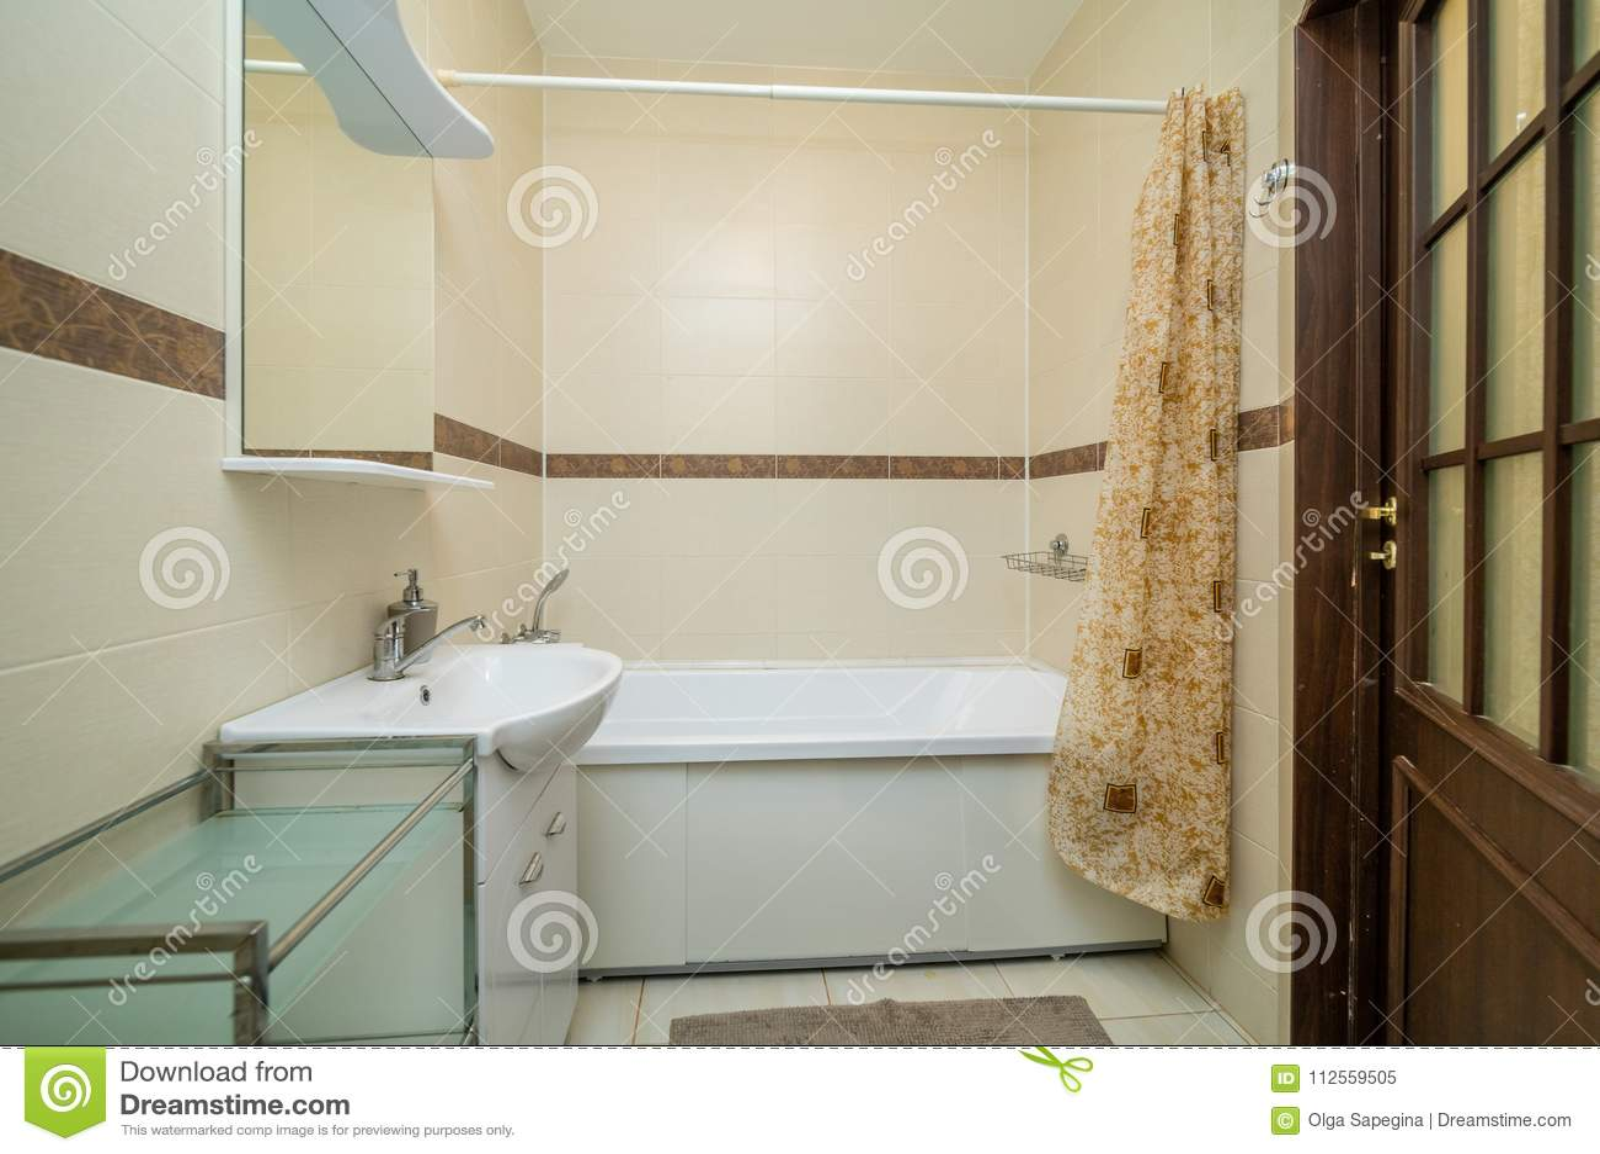 Bagno Beige Piccolo : Piccolo bagno beige immagine stock. immagine di riscaldato 112559505